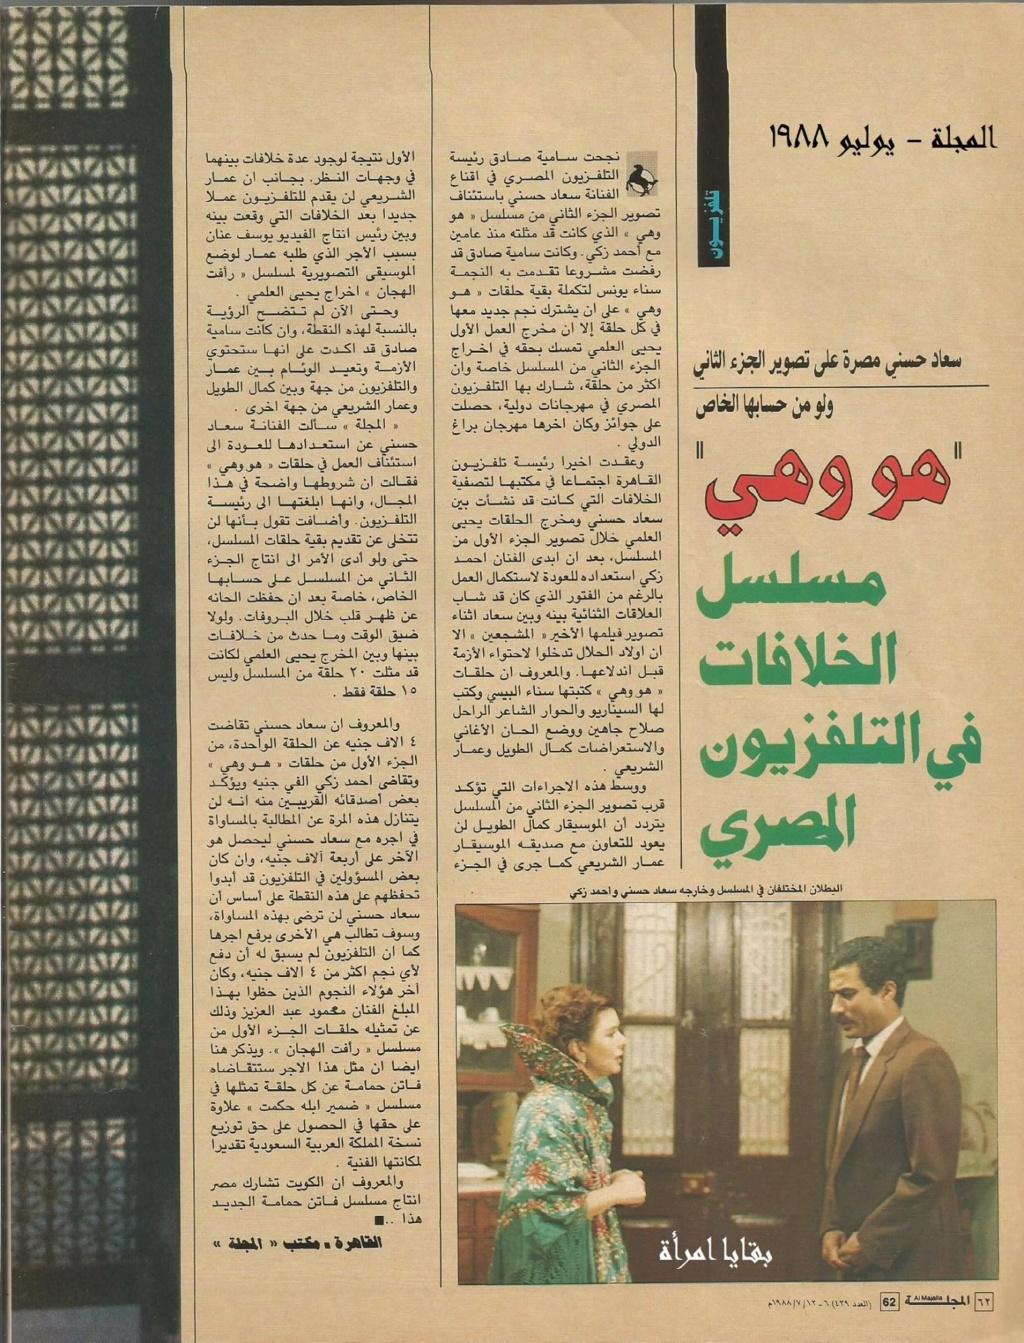 مقال - مقال صحفي : هو وهي مسلسل الخلافات في التلفزيون المصري 1988 م 1222